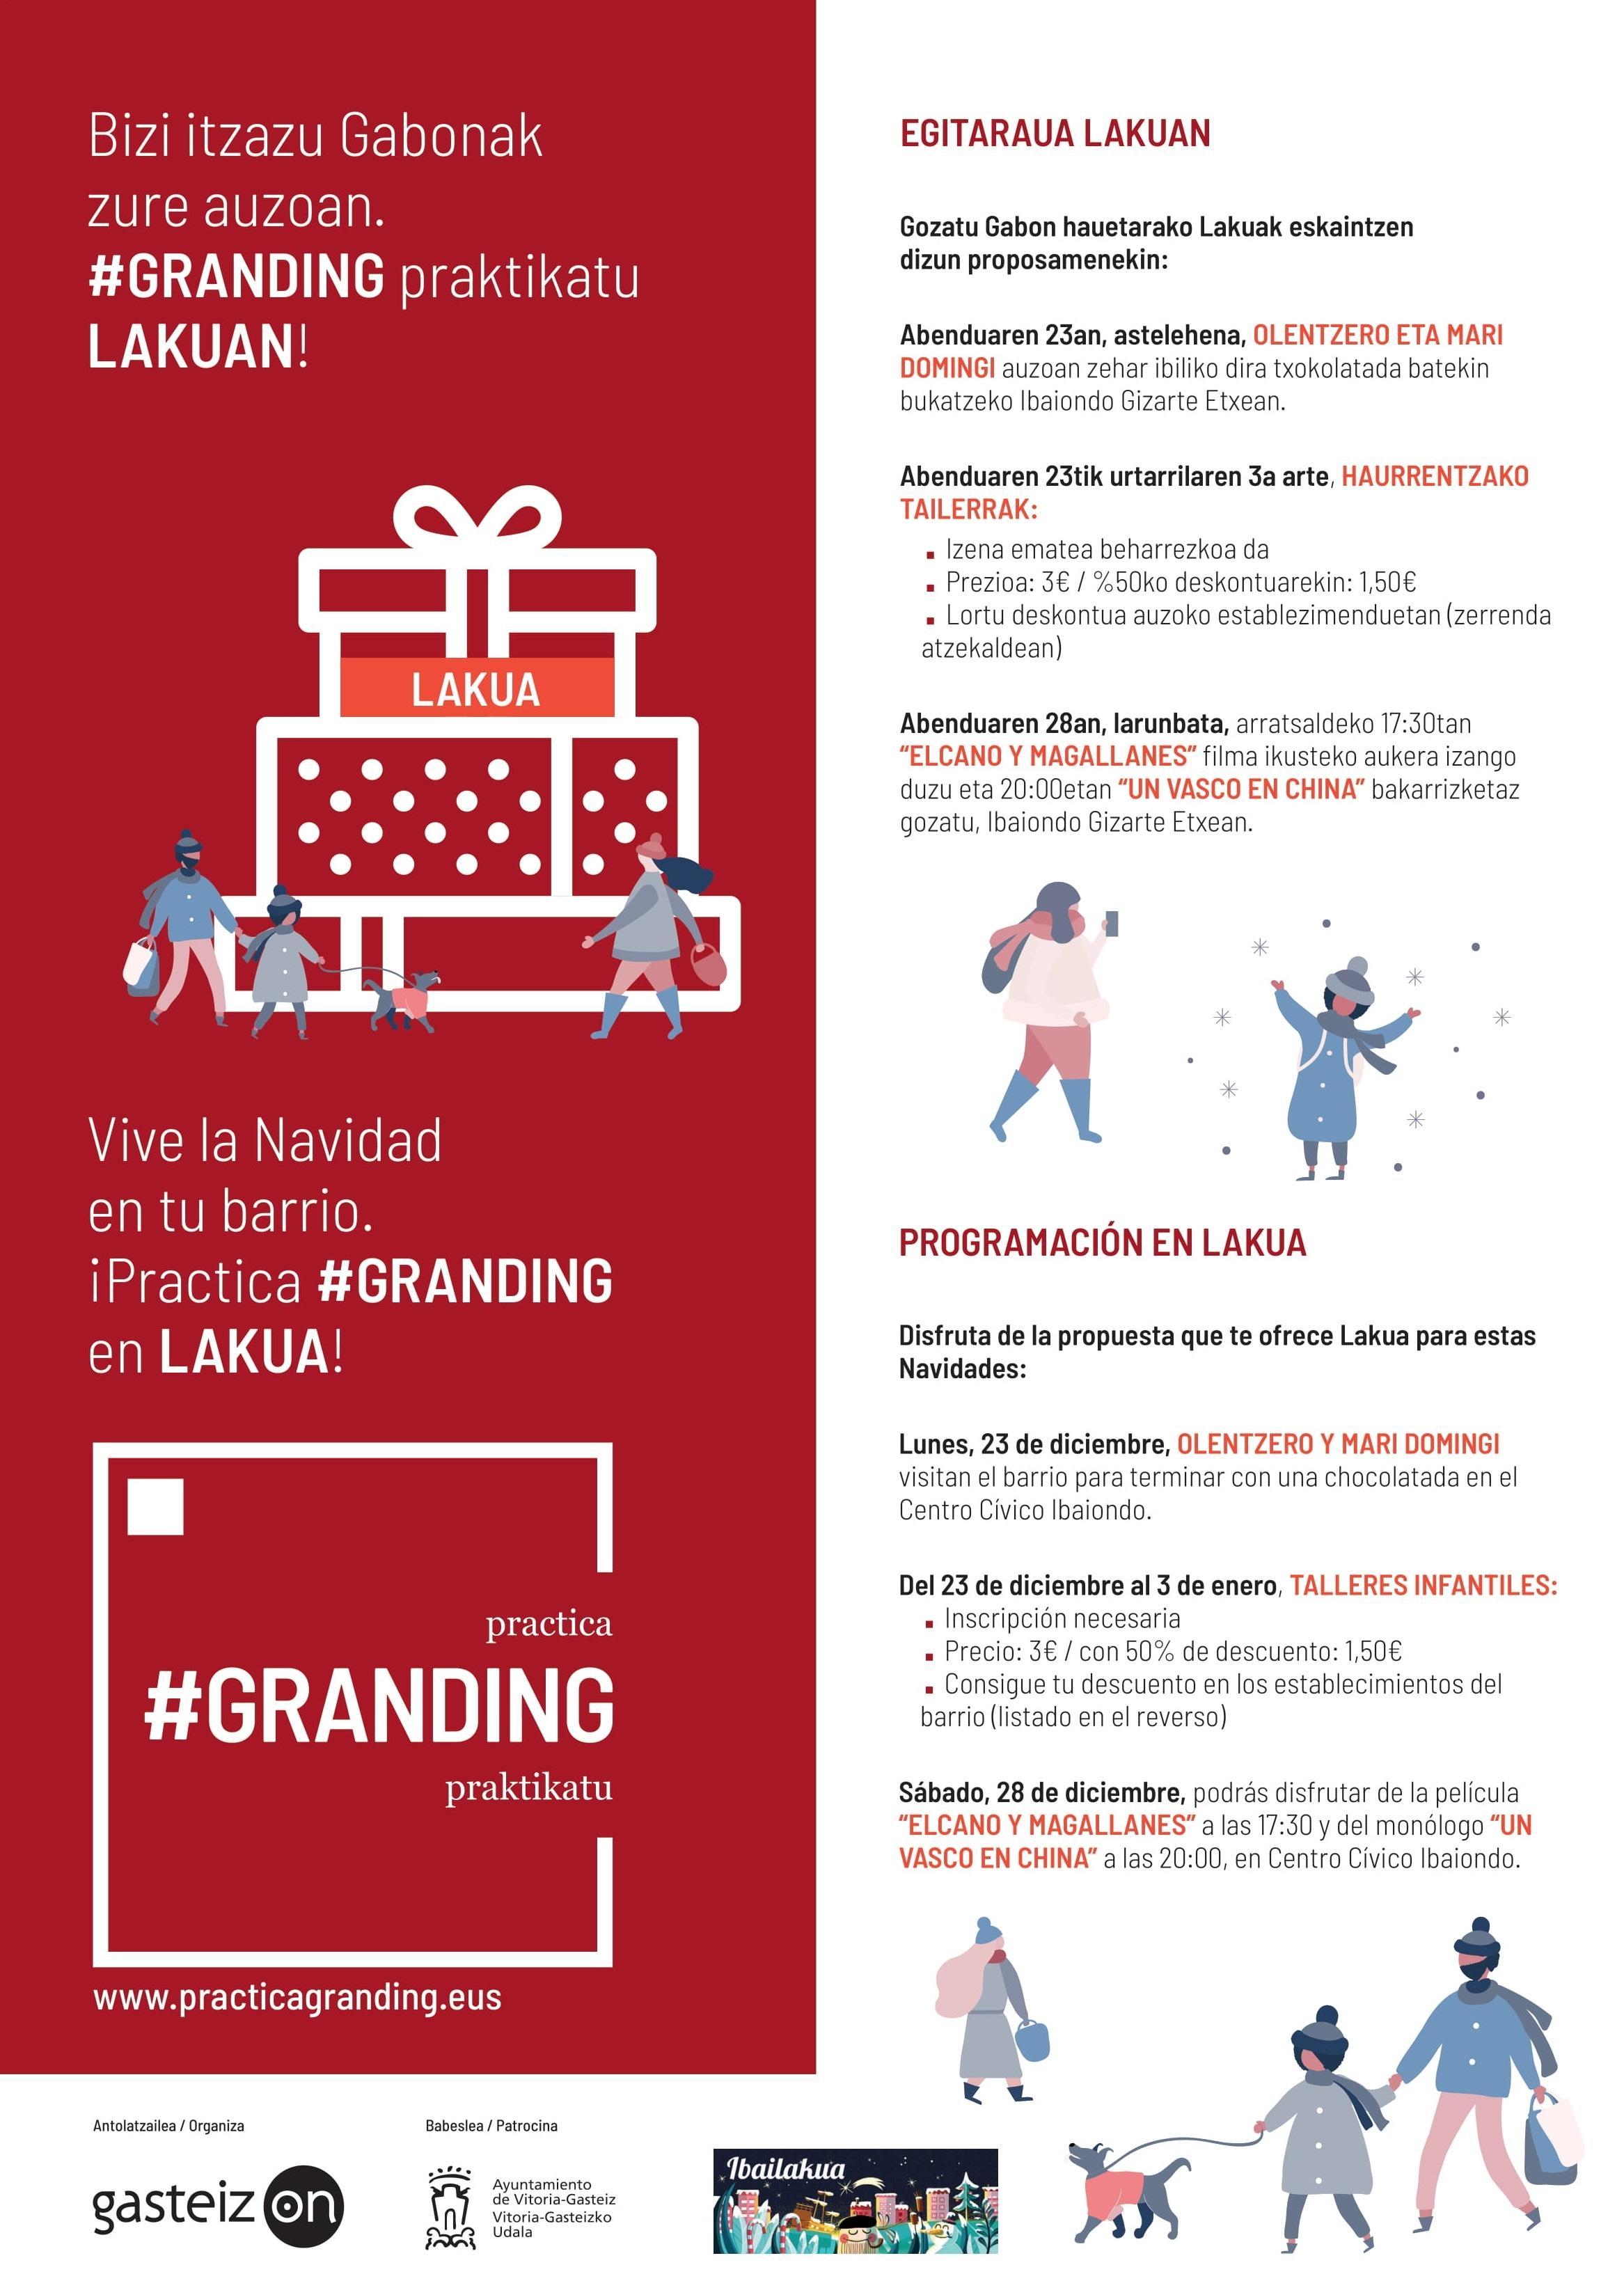 ¡Vive la Navidad en Lakua!